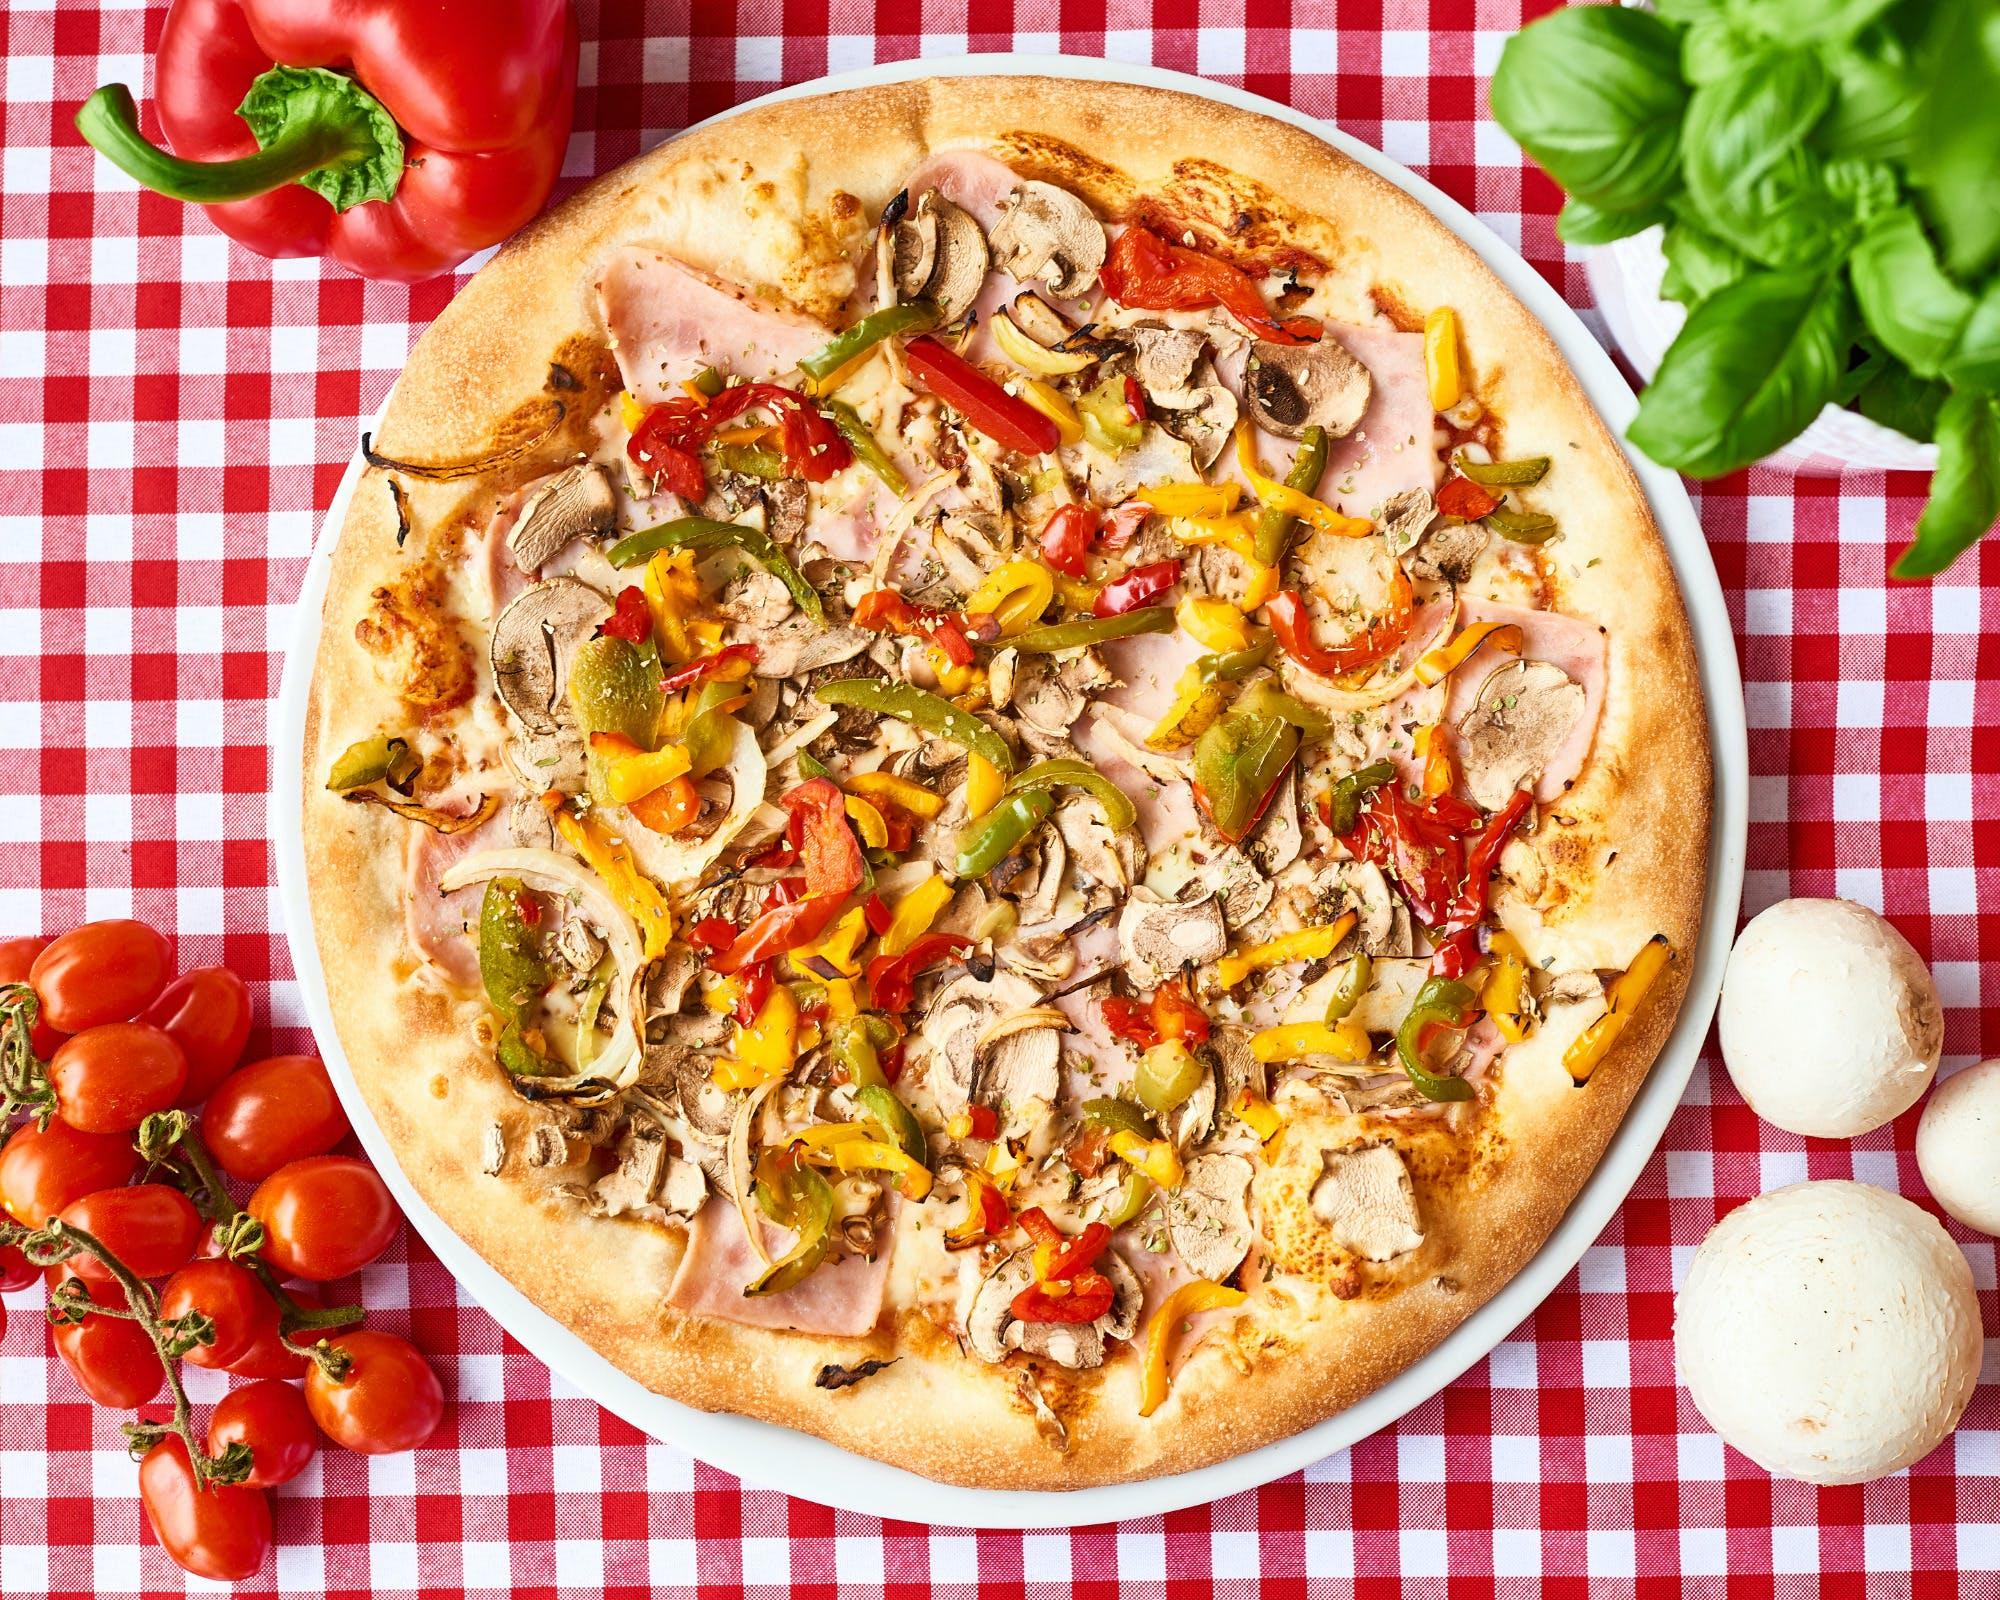 Kokopizza Pl Poznan Ul Dabrowskiego 40 Zamow Online